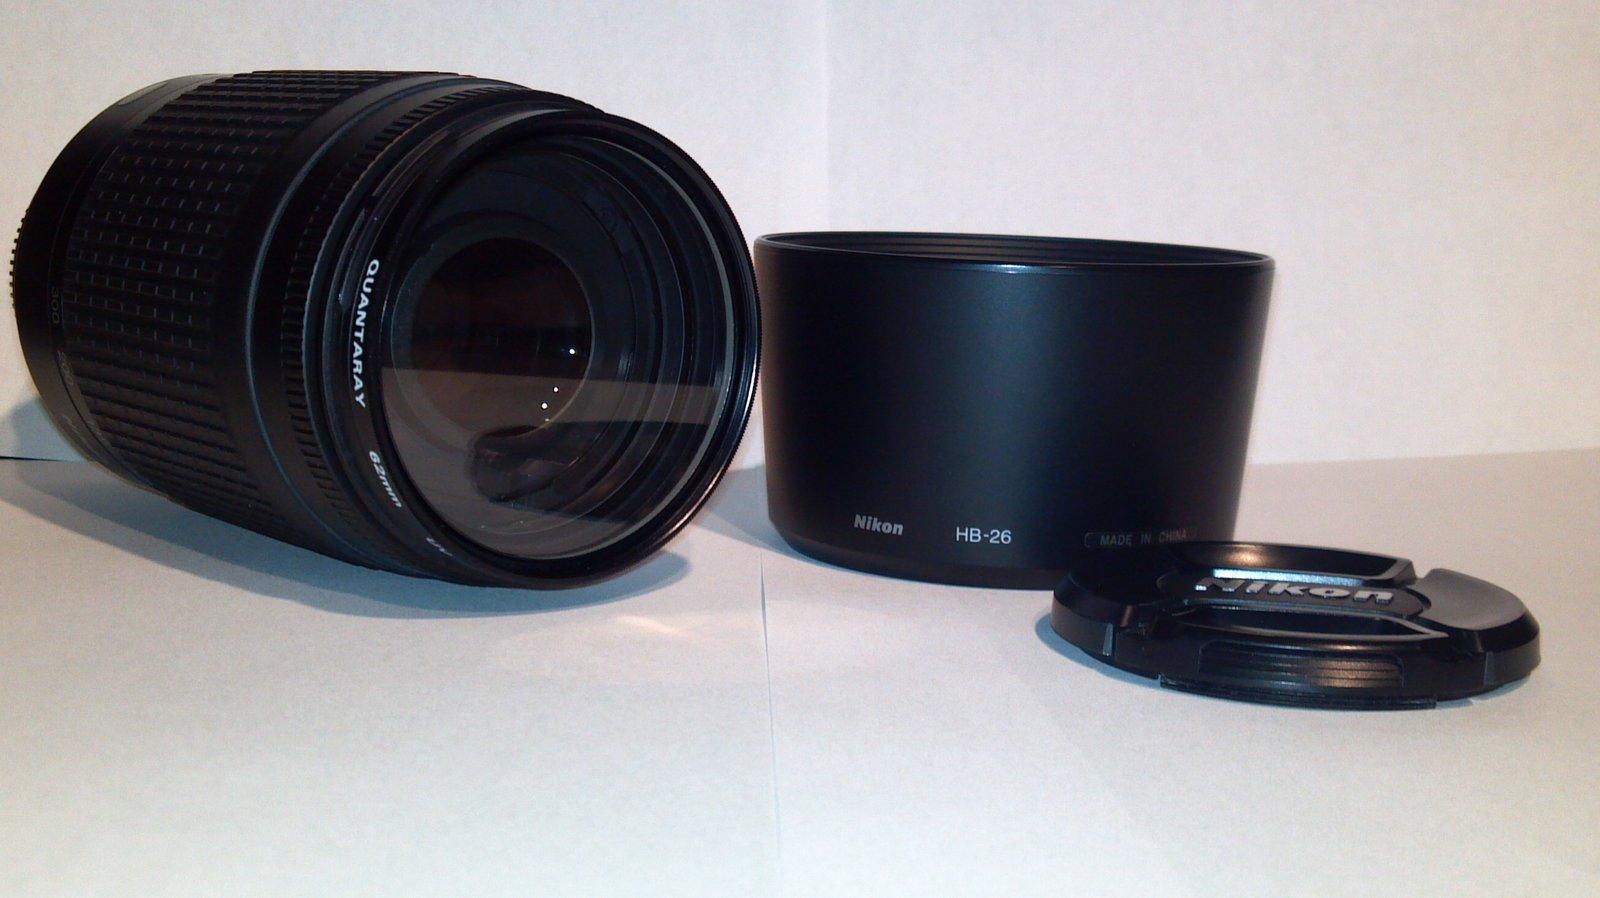 FS: Nikon Nikkor 70-300